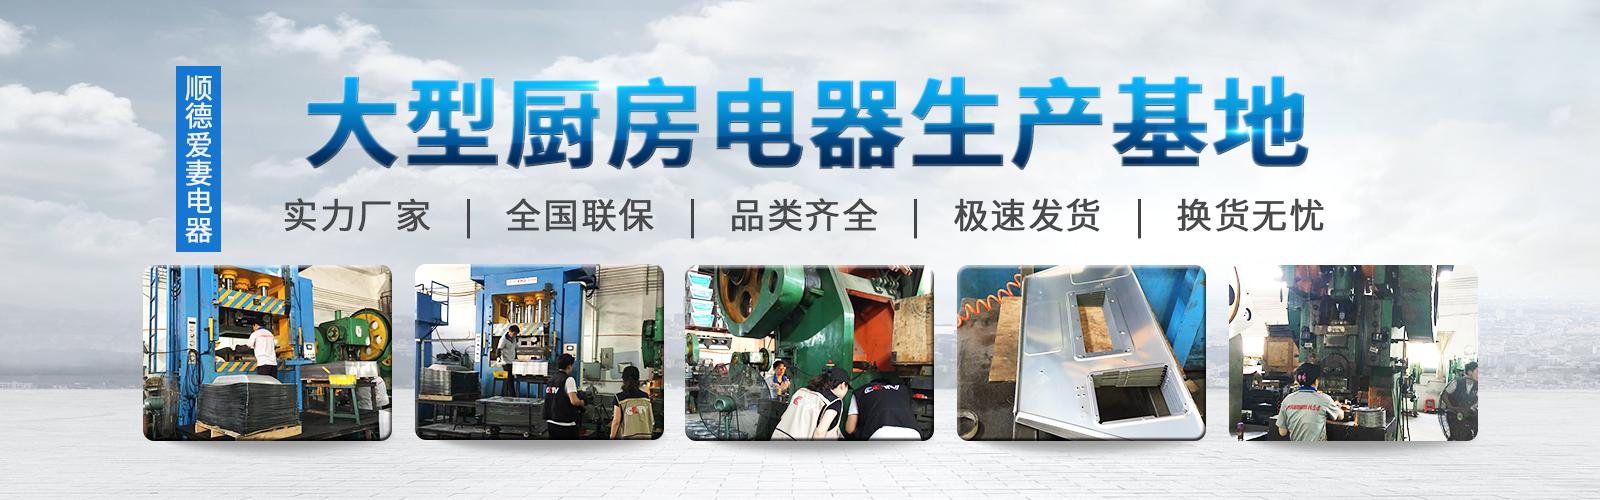 banner-大型廚房電器生產基地